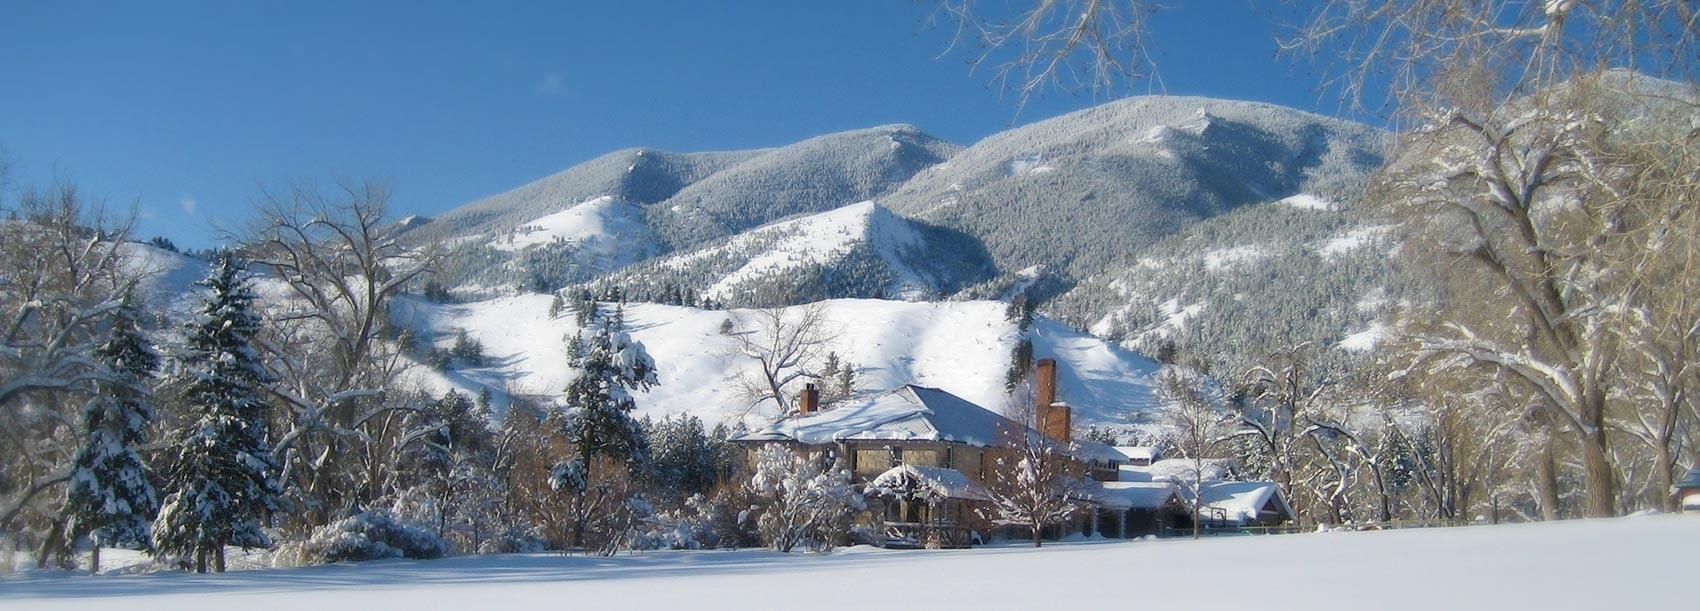 Winter B&B at Eatons' Ranch